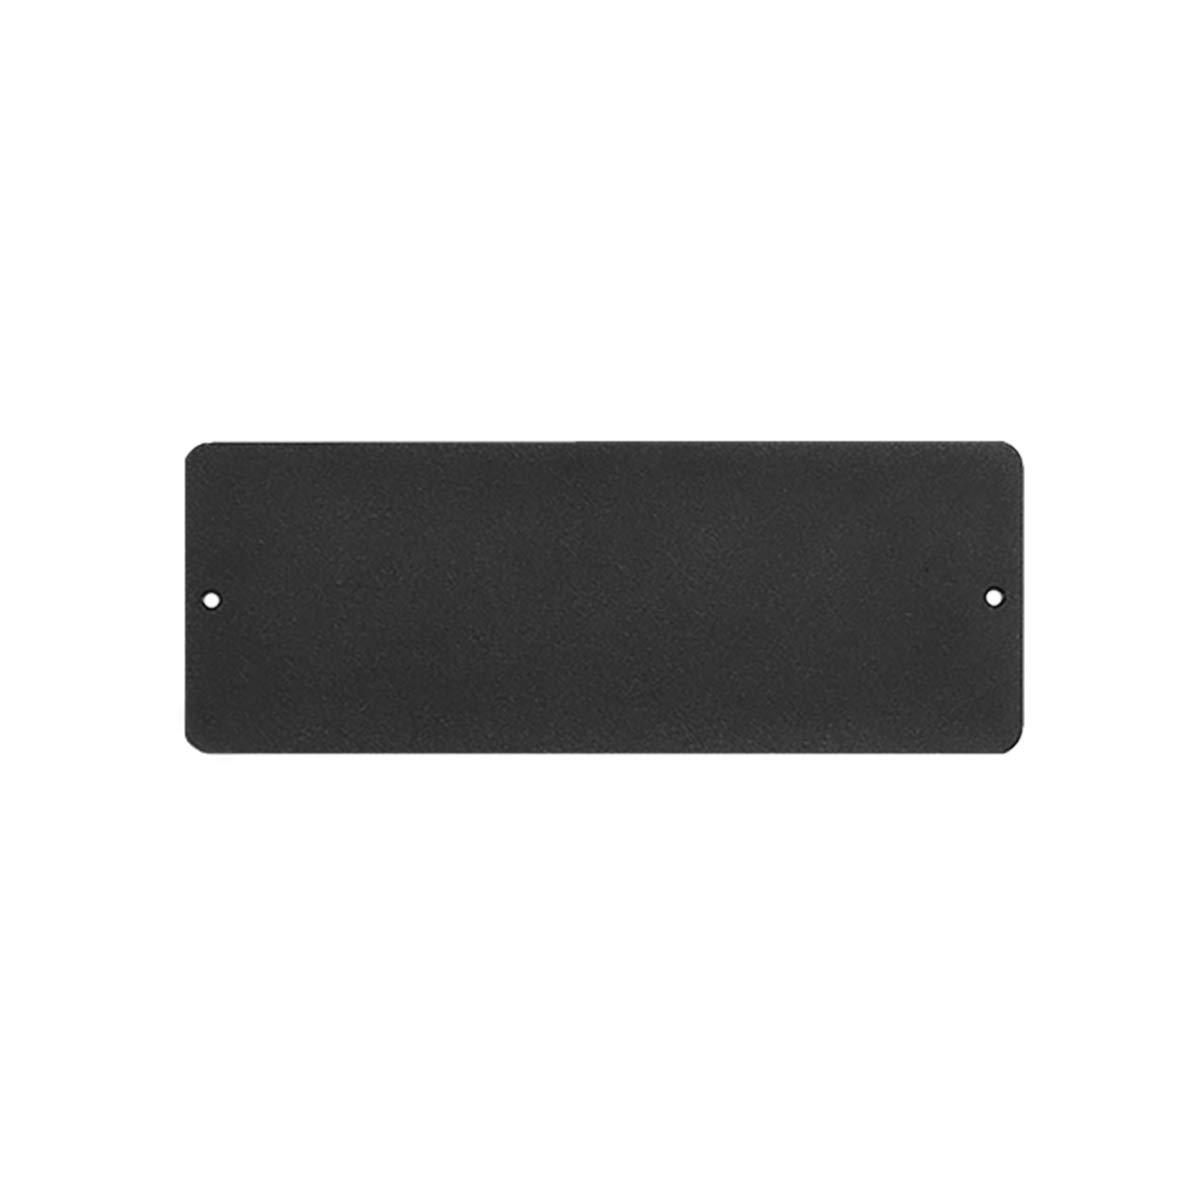 9x24 cm Beige KalaMitica Steel Magnetic Chalkboard